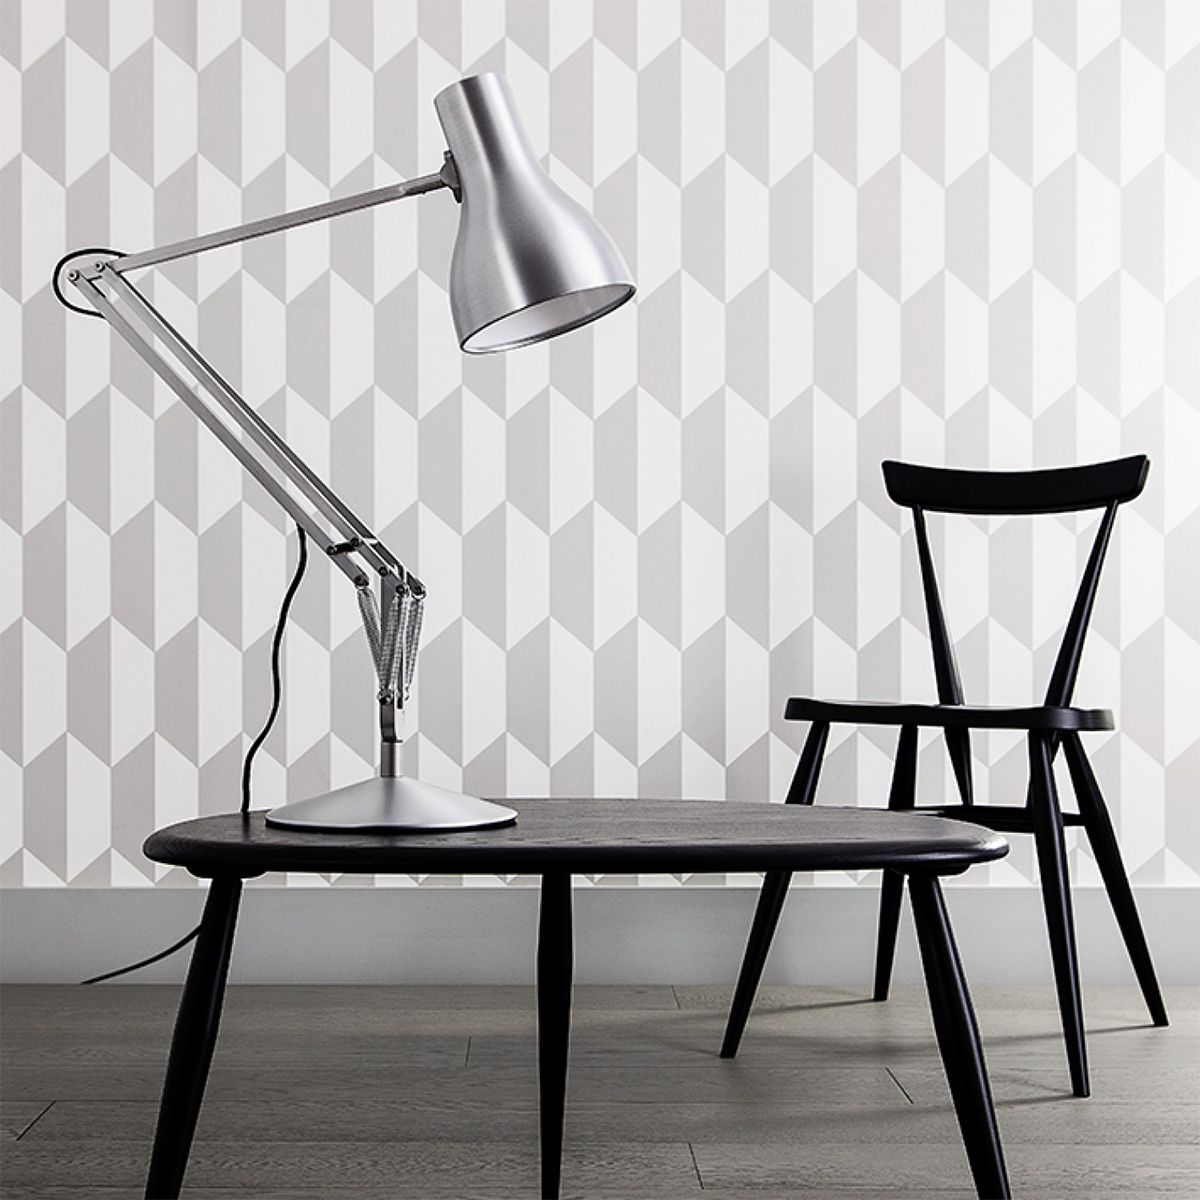 Designer Schreibtischleuchten anglepoise schreibtischleuchte typ 75 schwarz artvoll klassiker